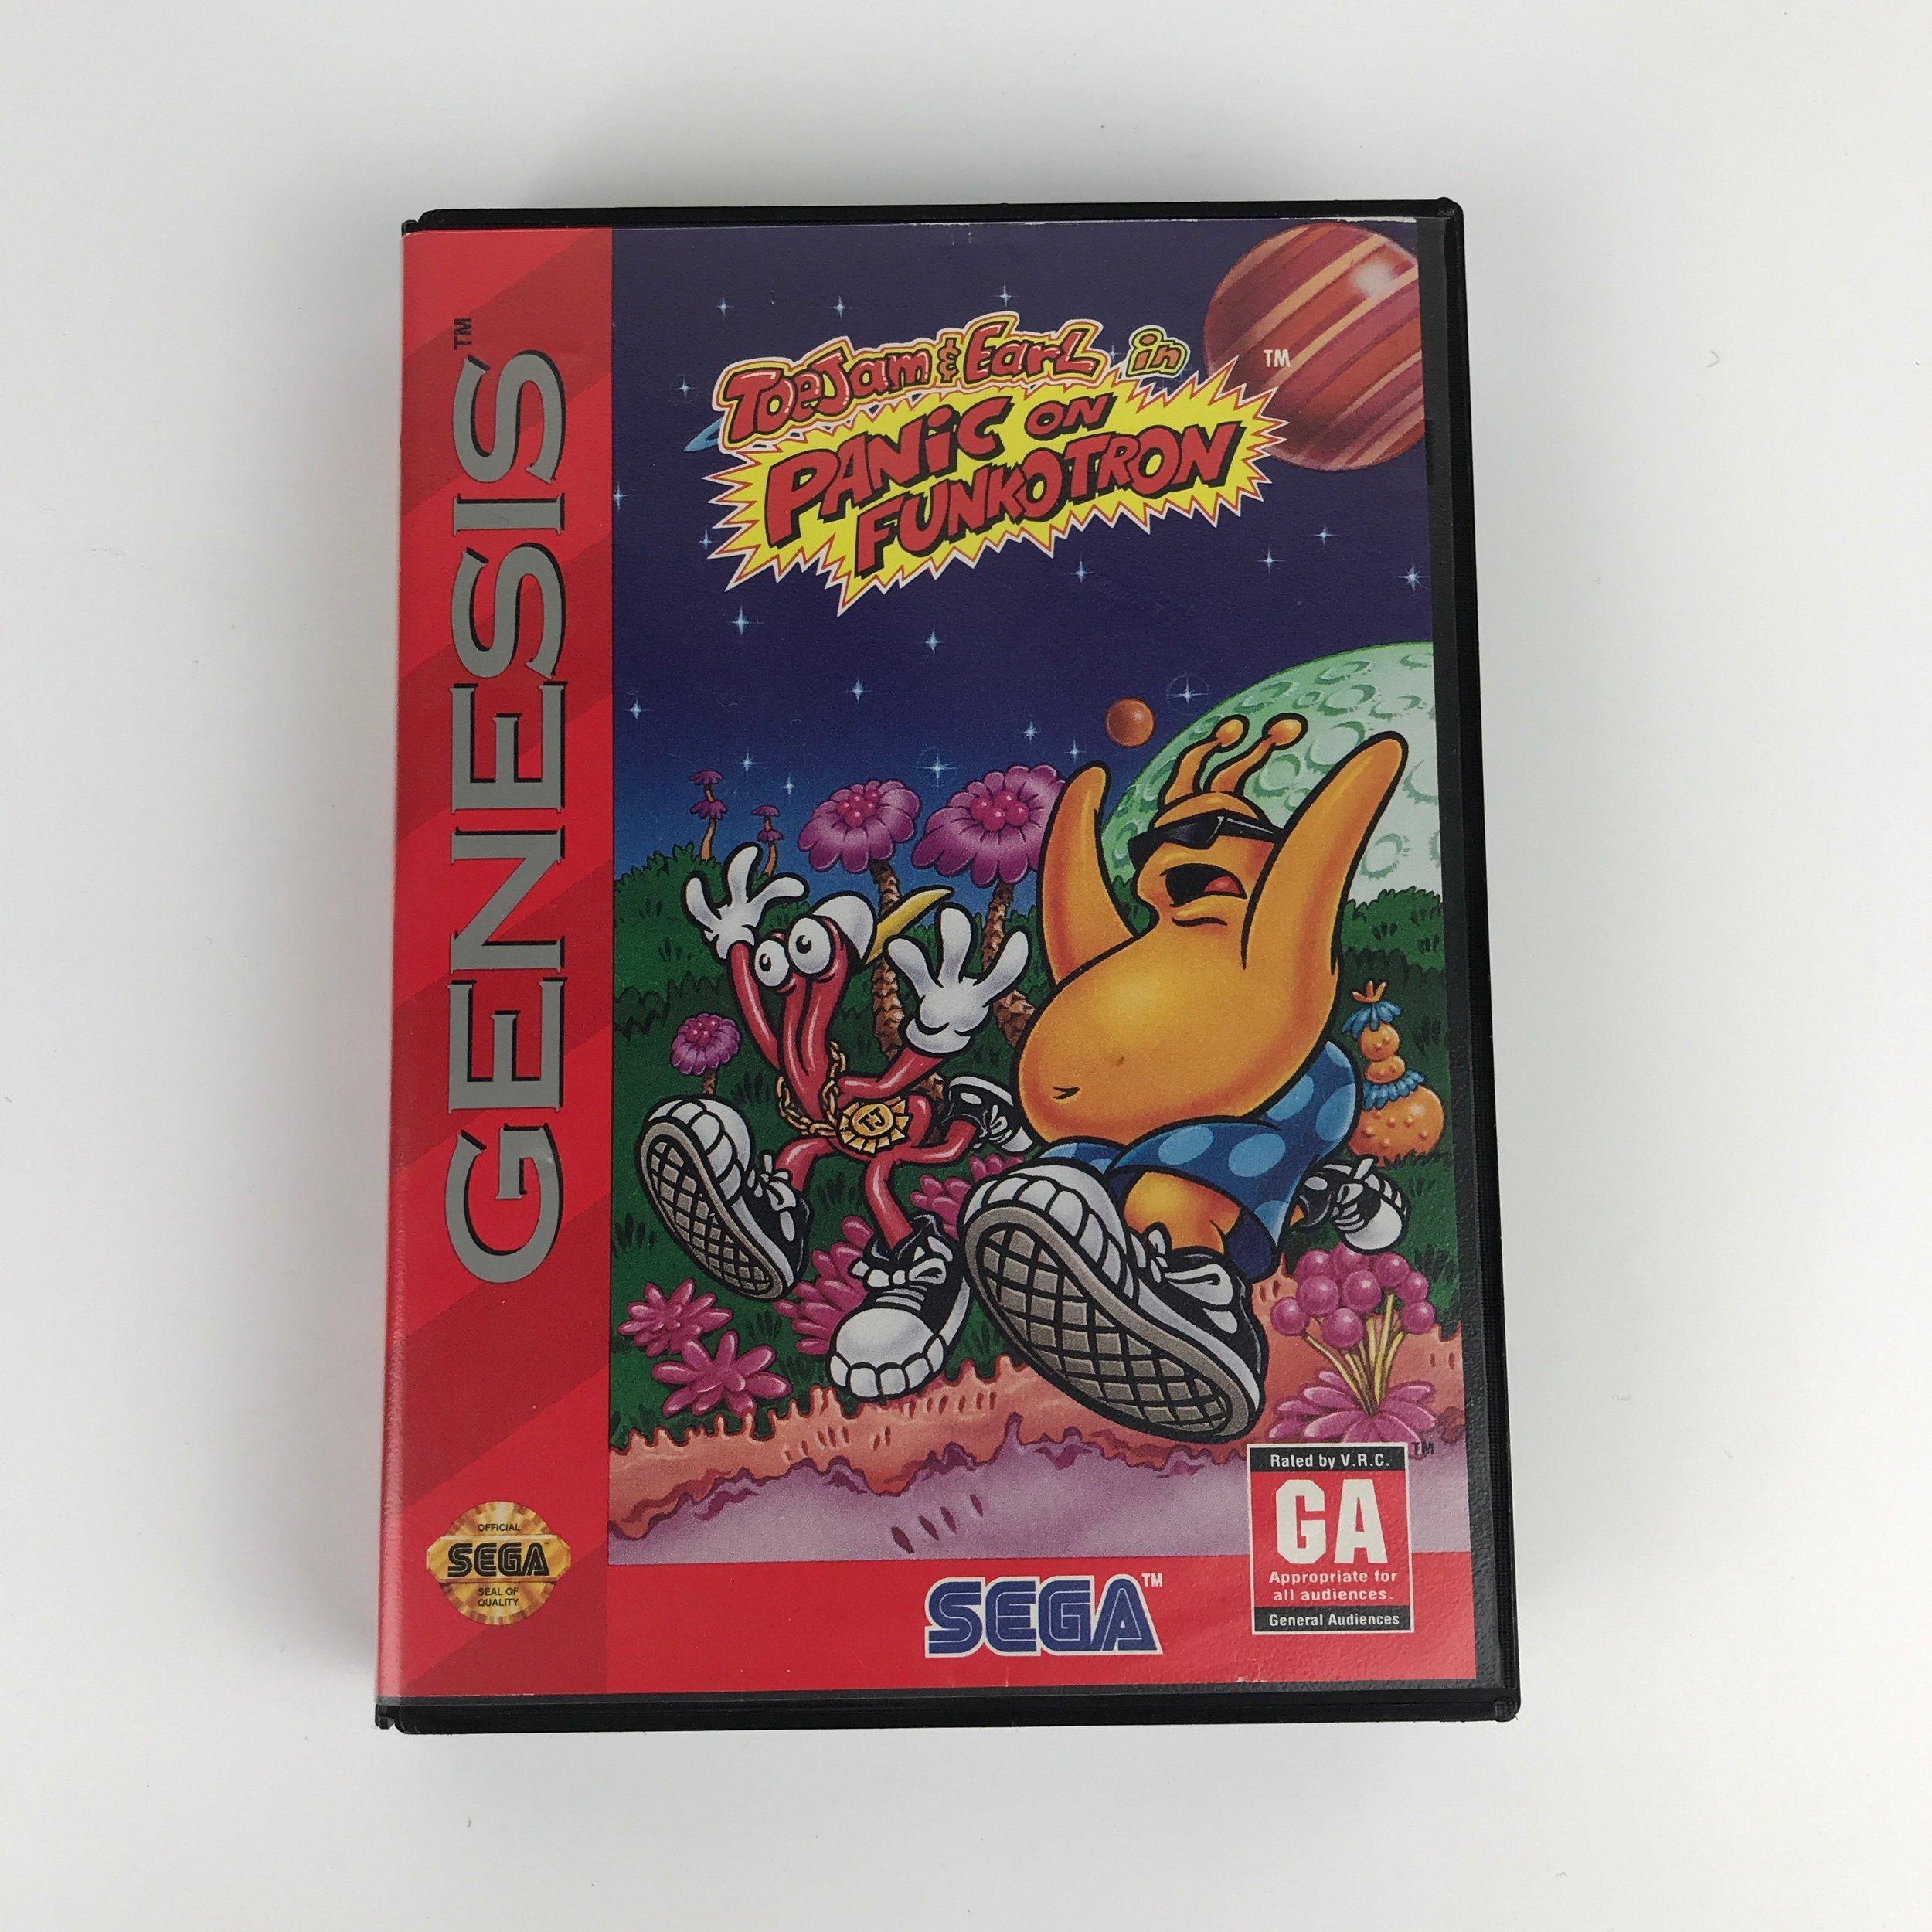 Toejam & Earl - Sega Genesis game